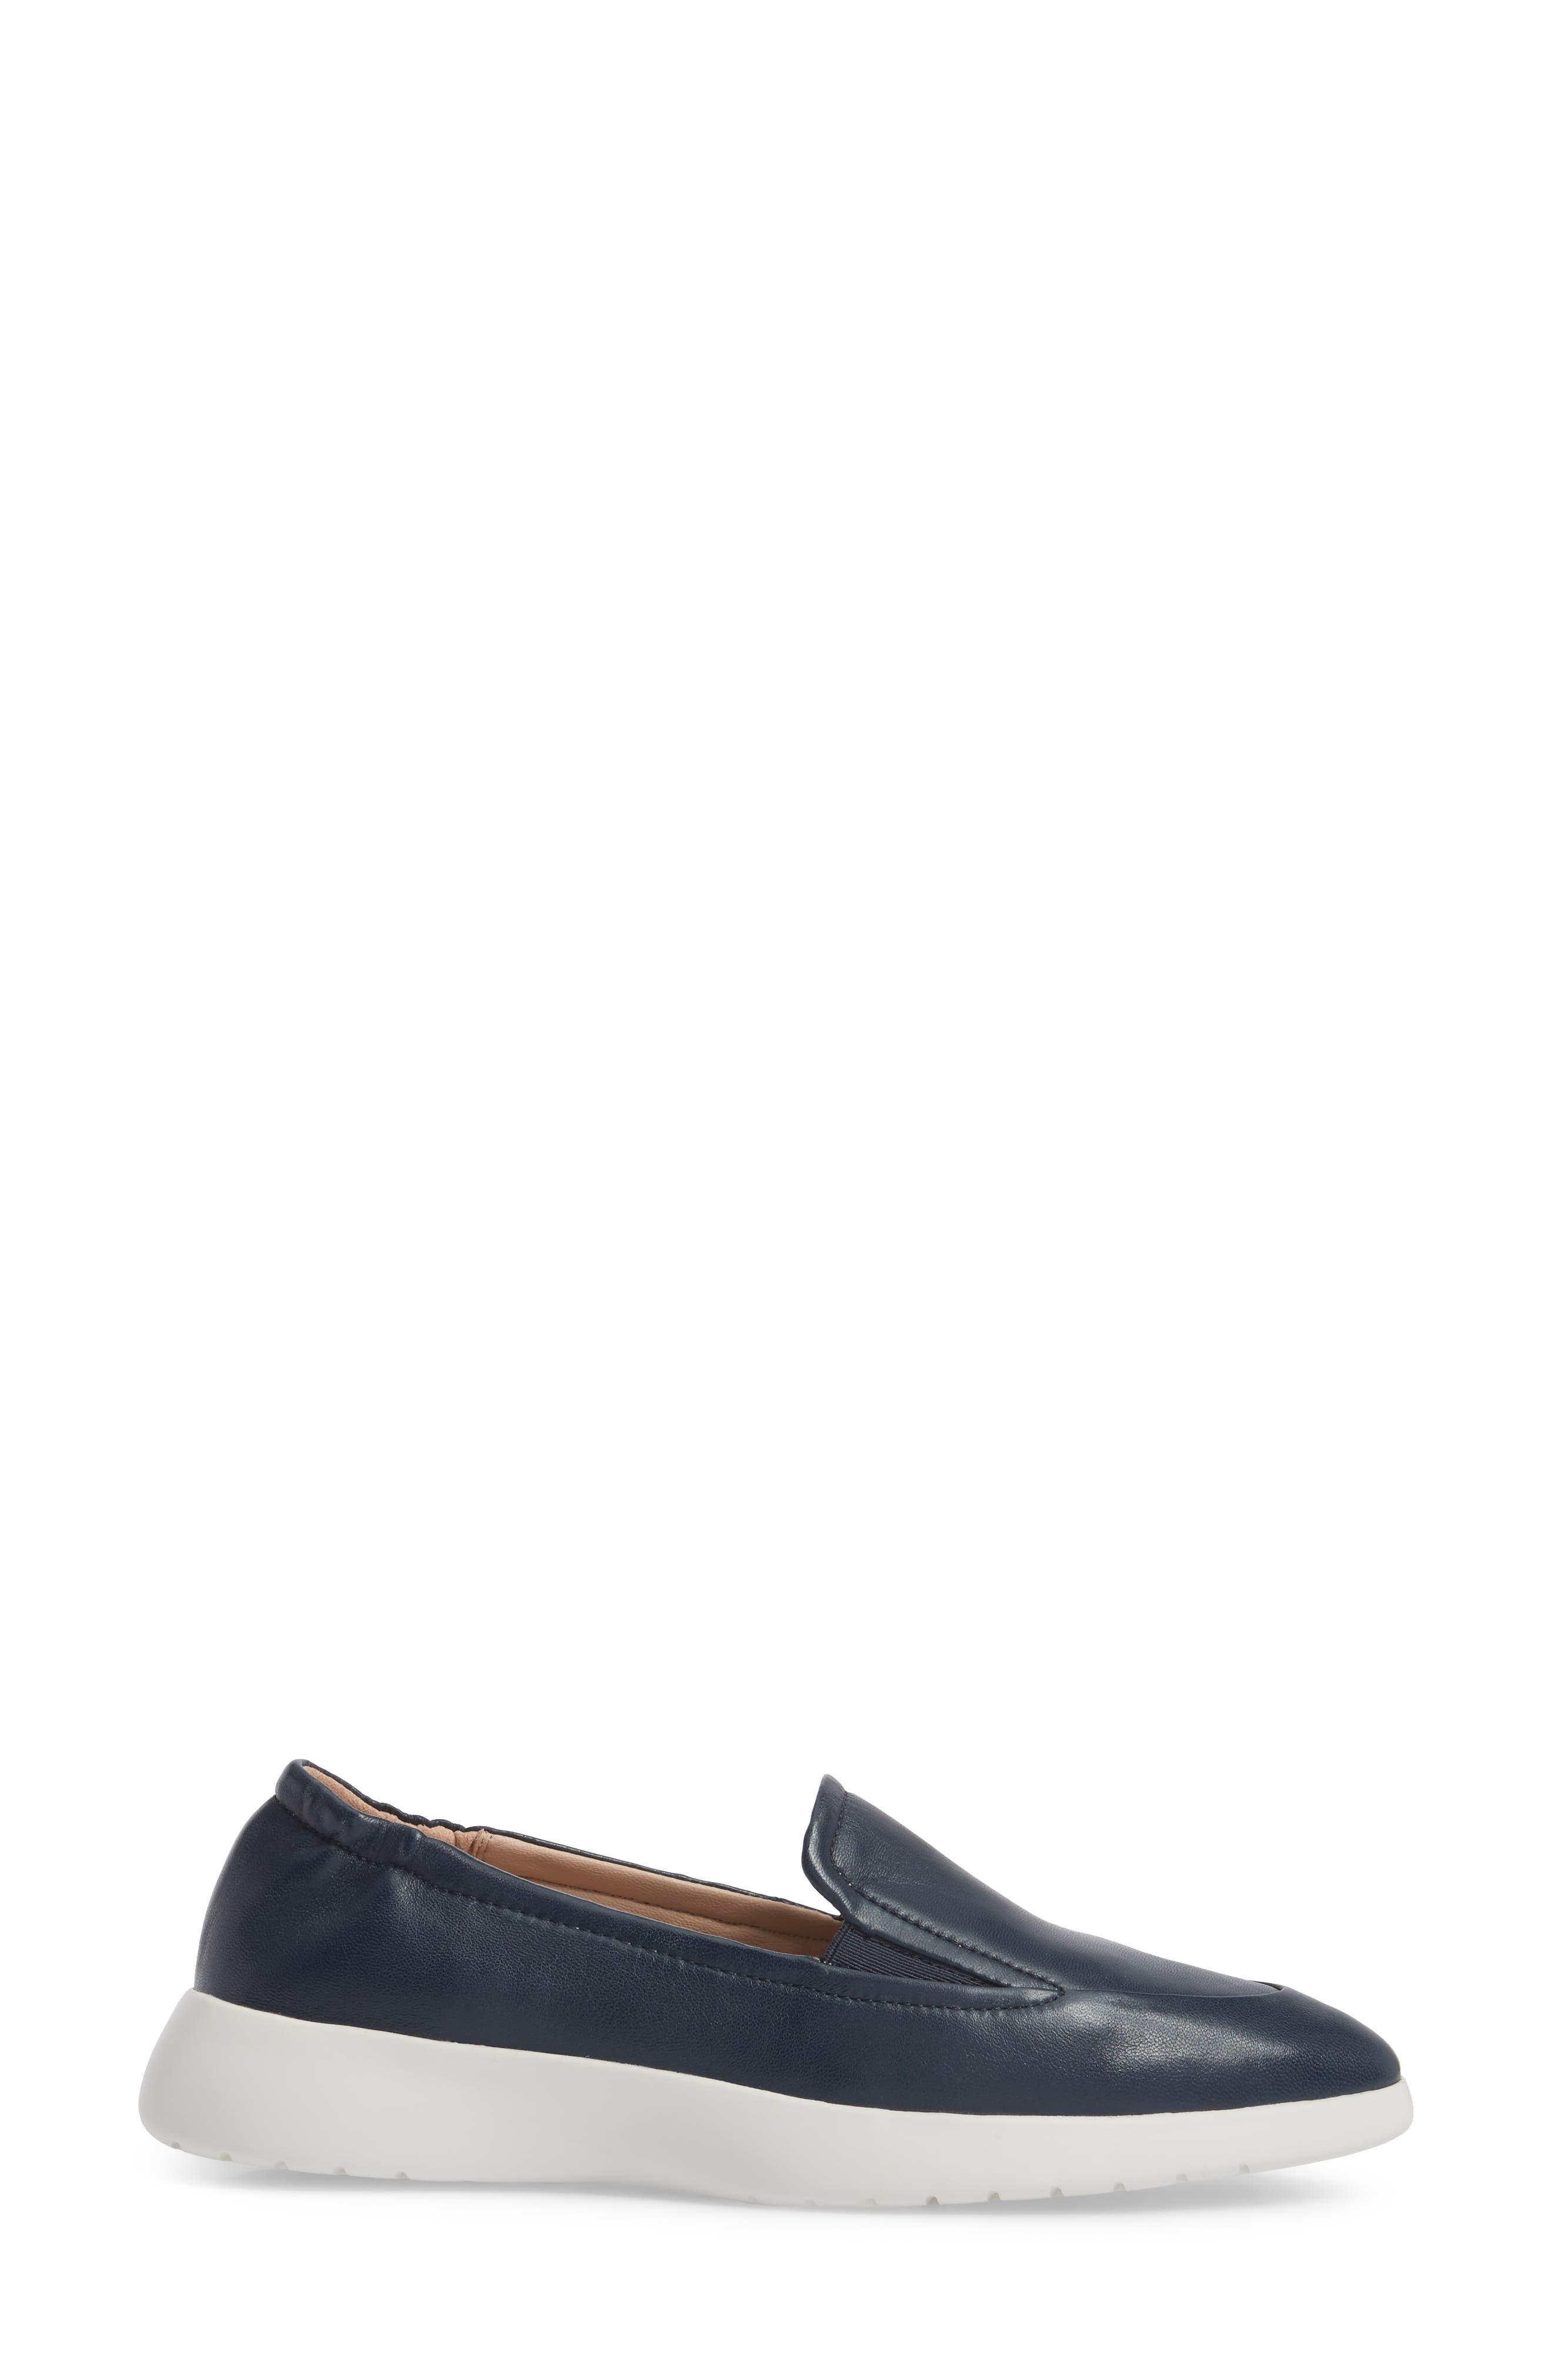 Dana Loafer Sneaker,                             Alternate thumbnail 3, color,                             Navy Leather